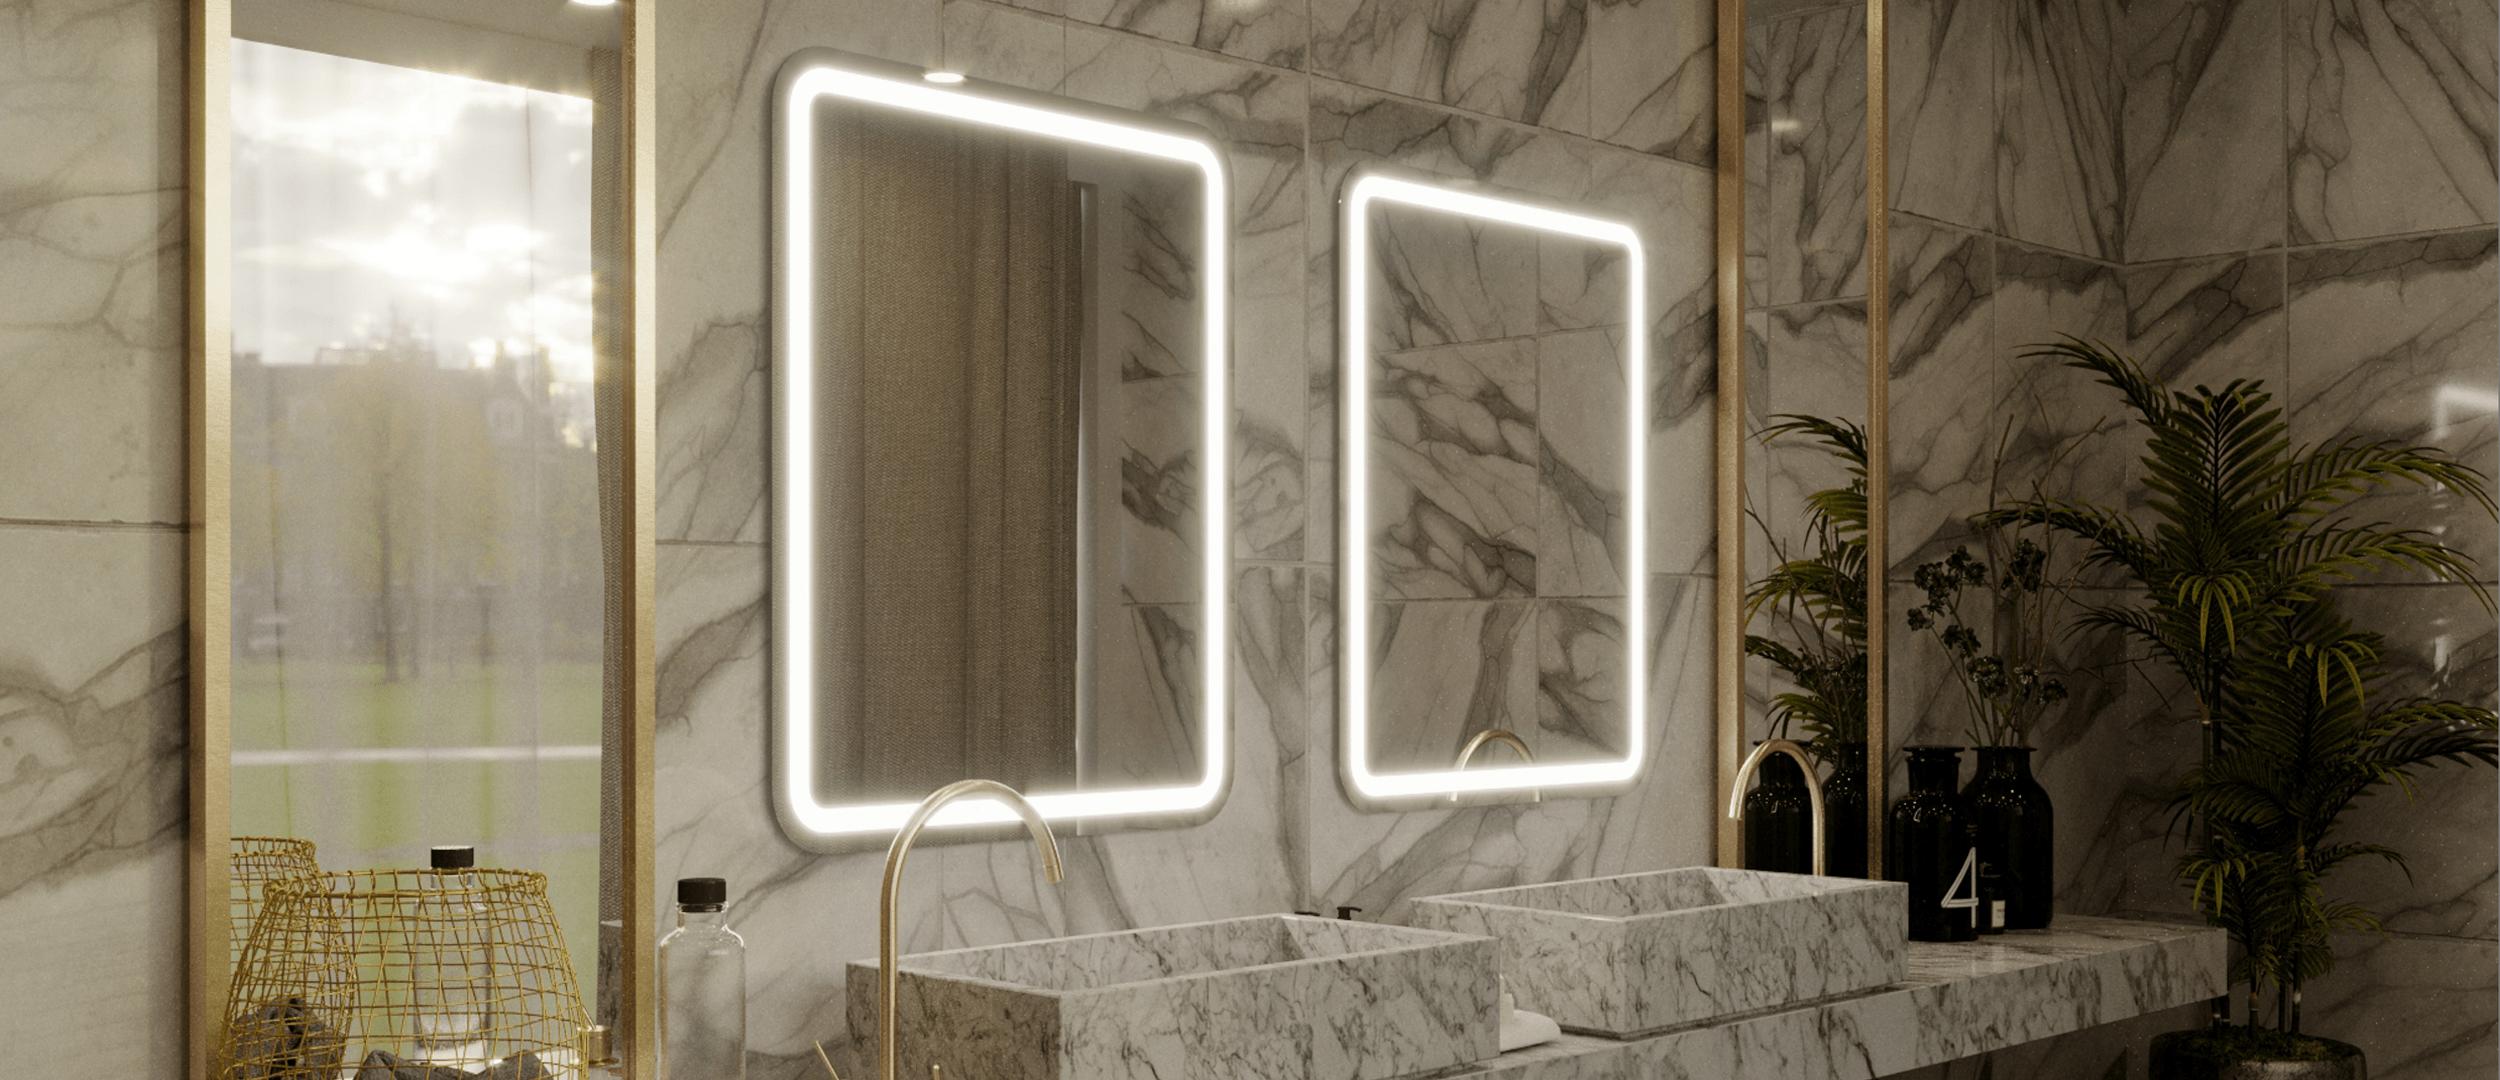 Mirror installed in Hilton hotel